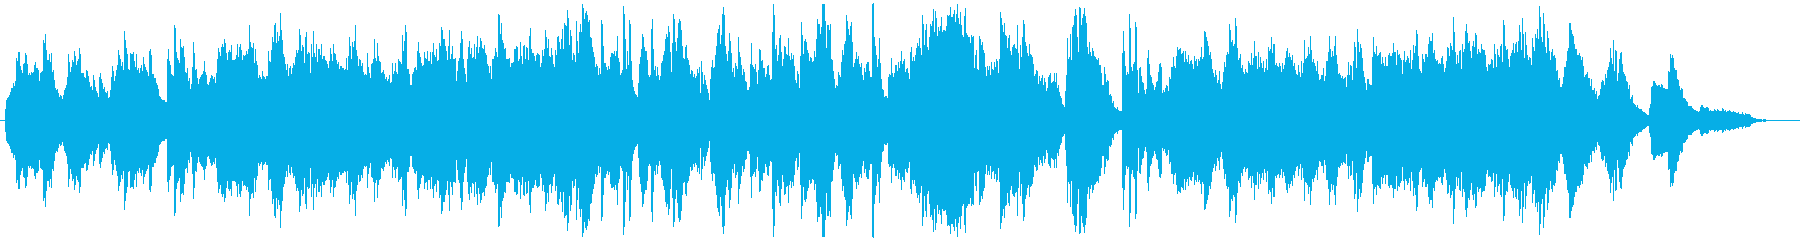 バンドネオンの悲しげなタンゴ風BGMの再生済みの波形